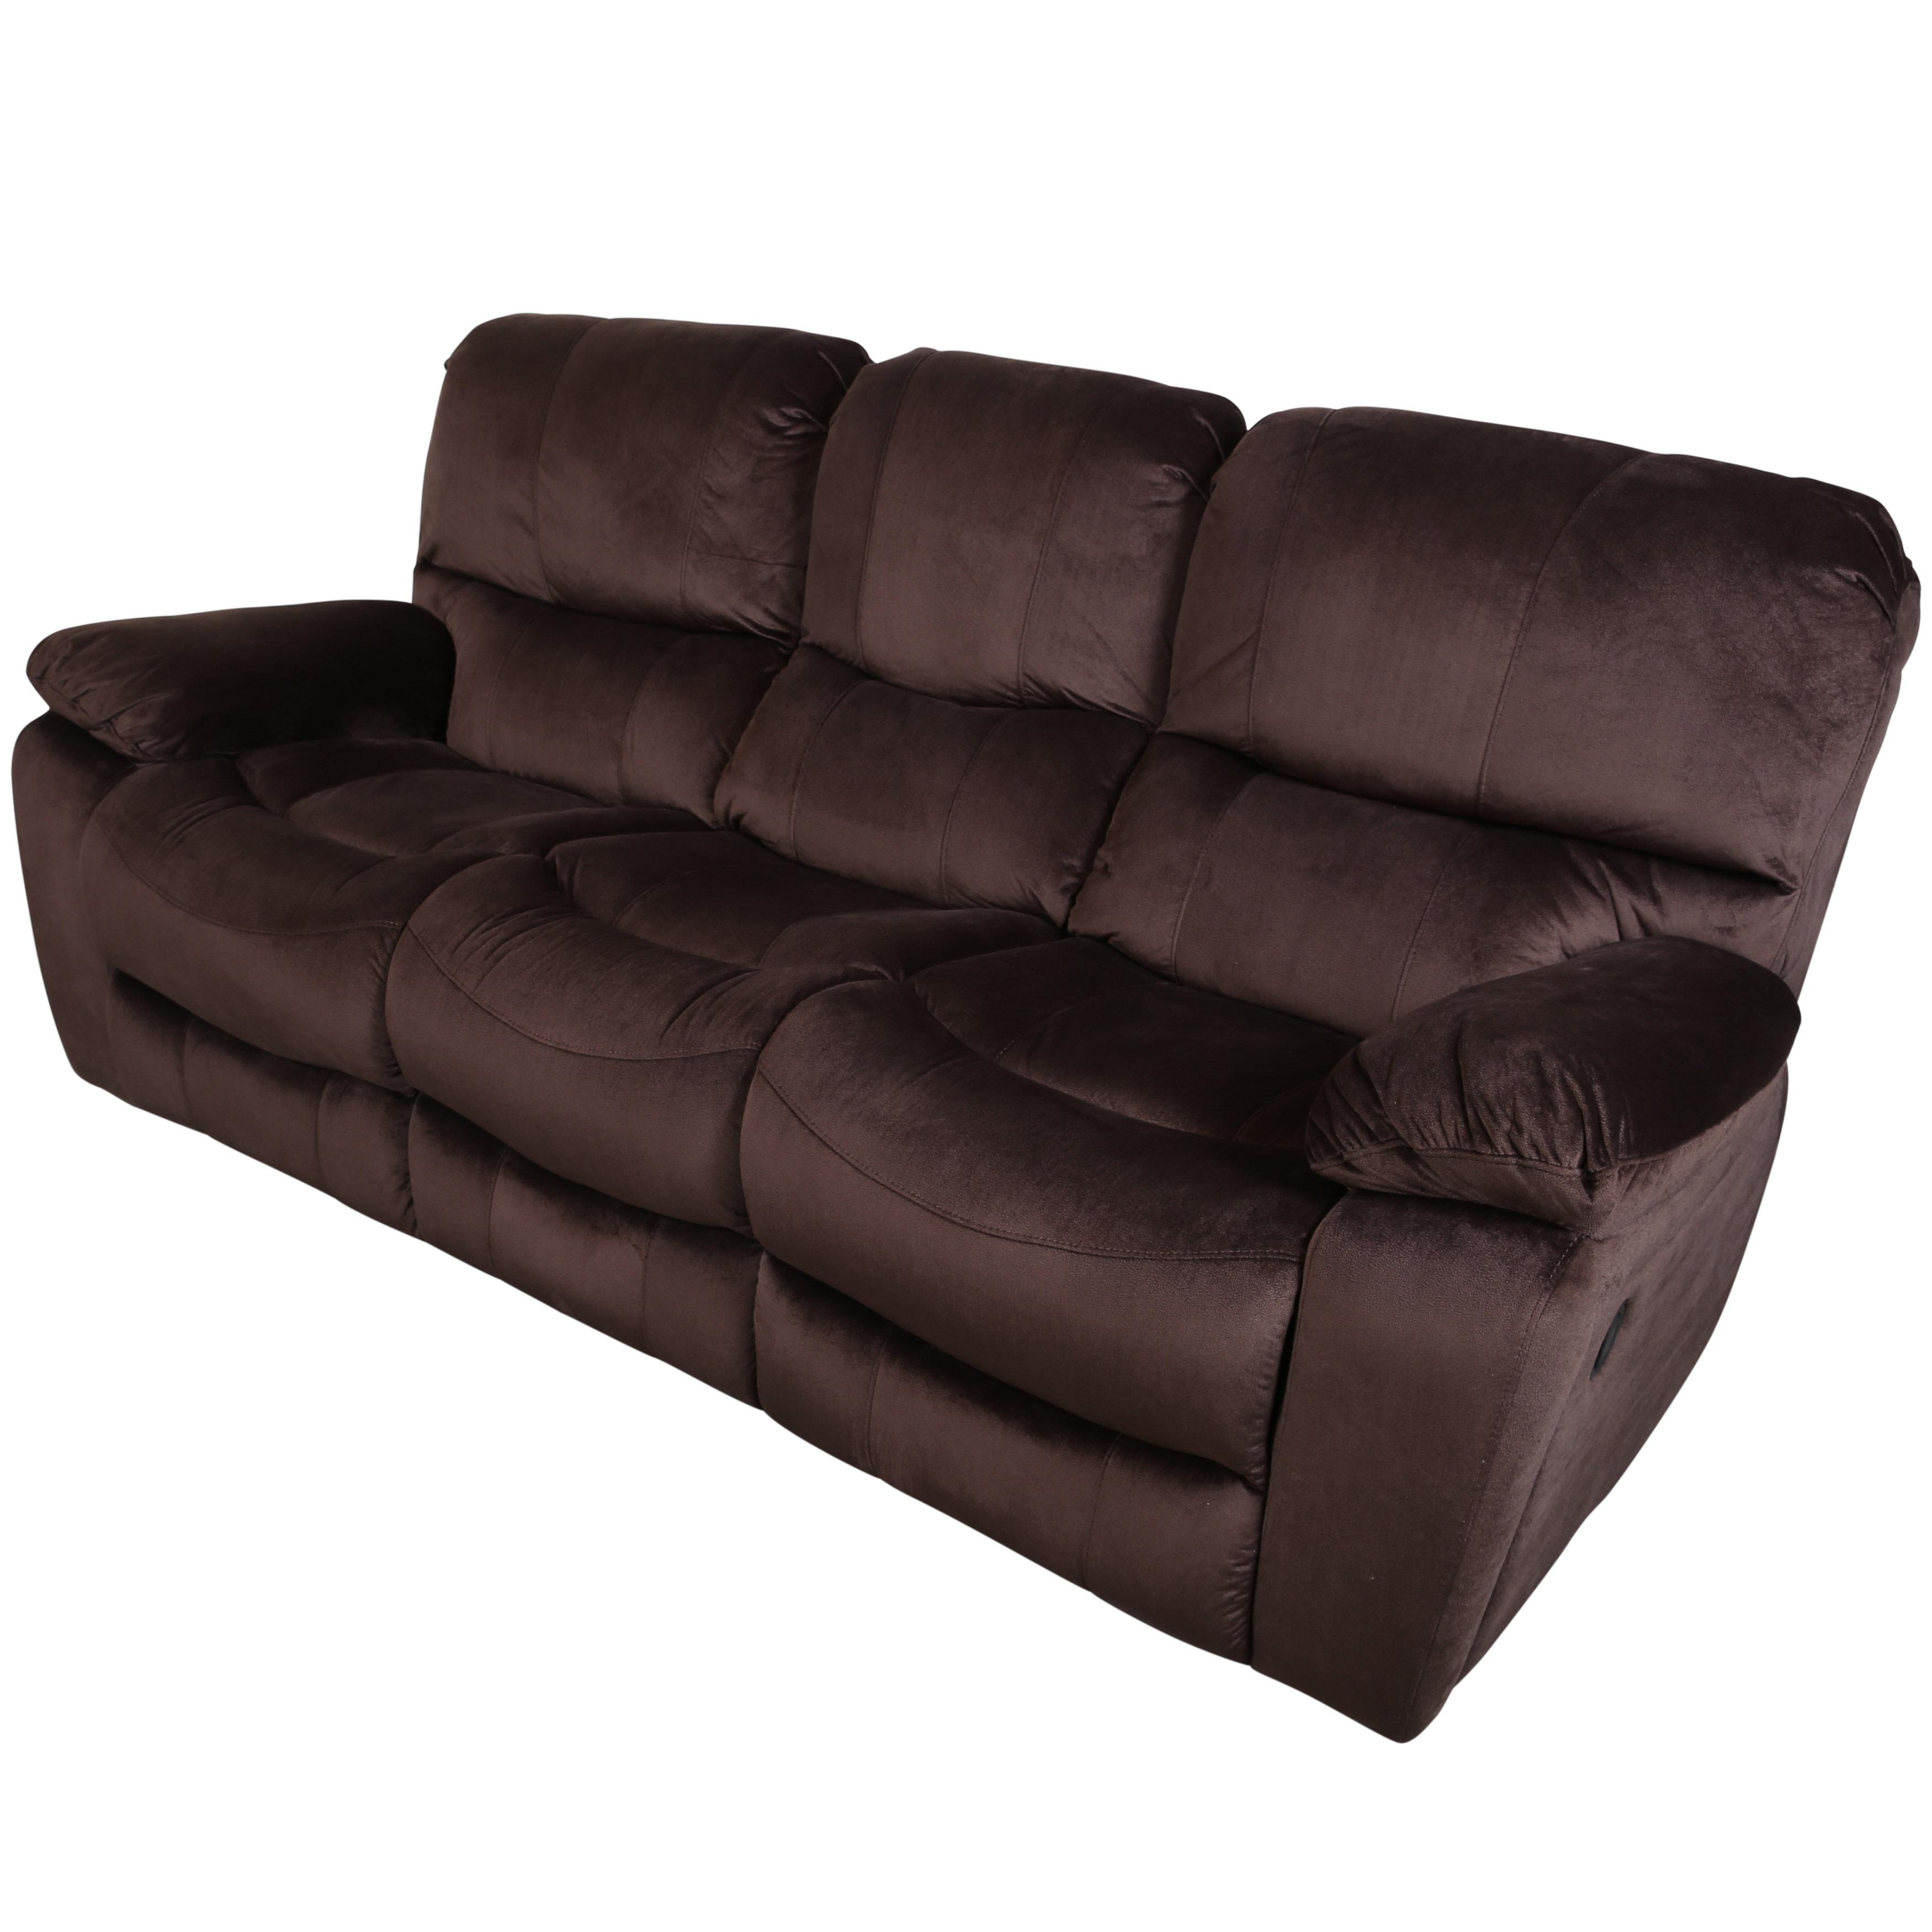 Rashida 3 Seats Reclining Sofa